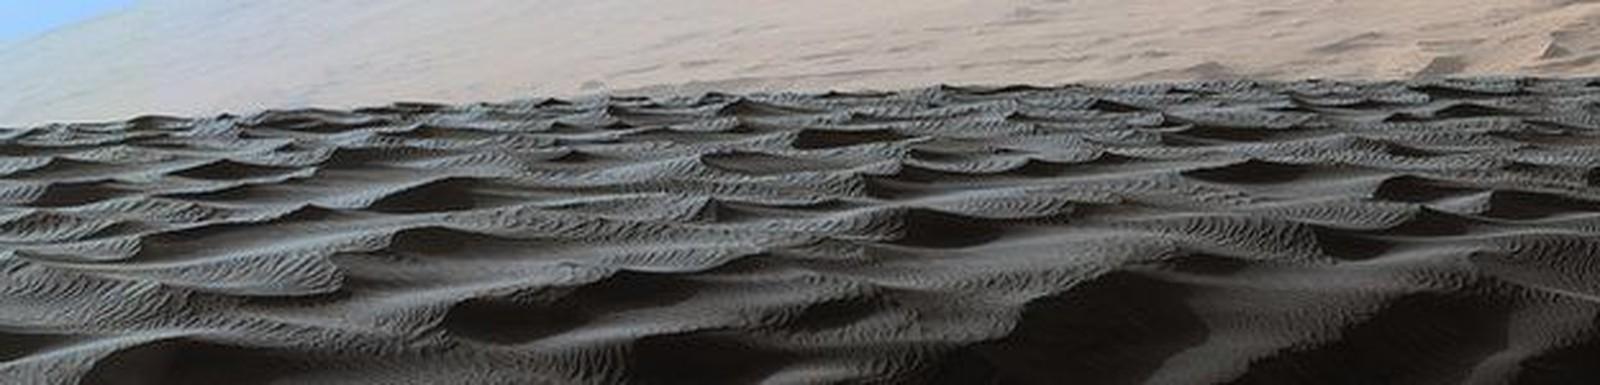 Dunas em Marte segundo a NASA